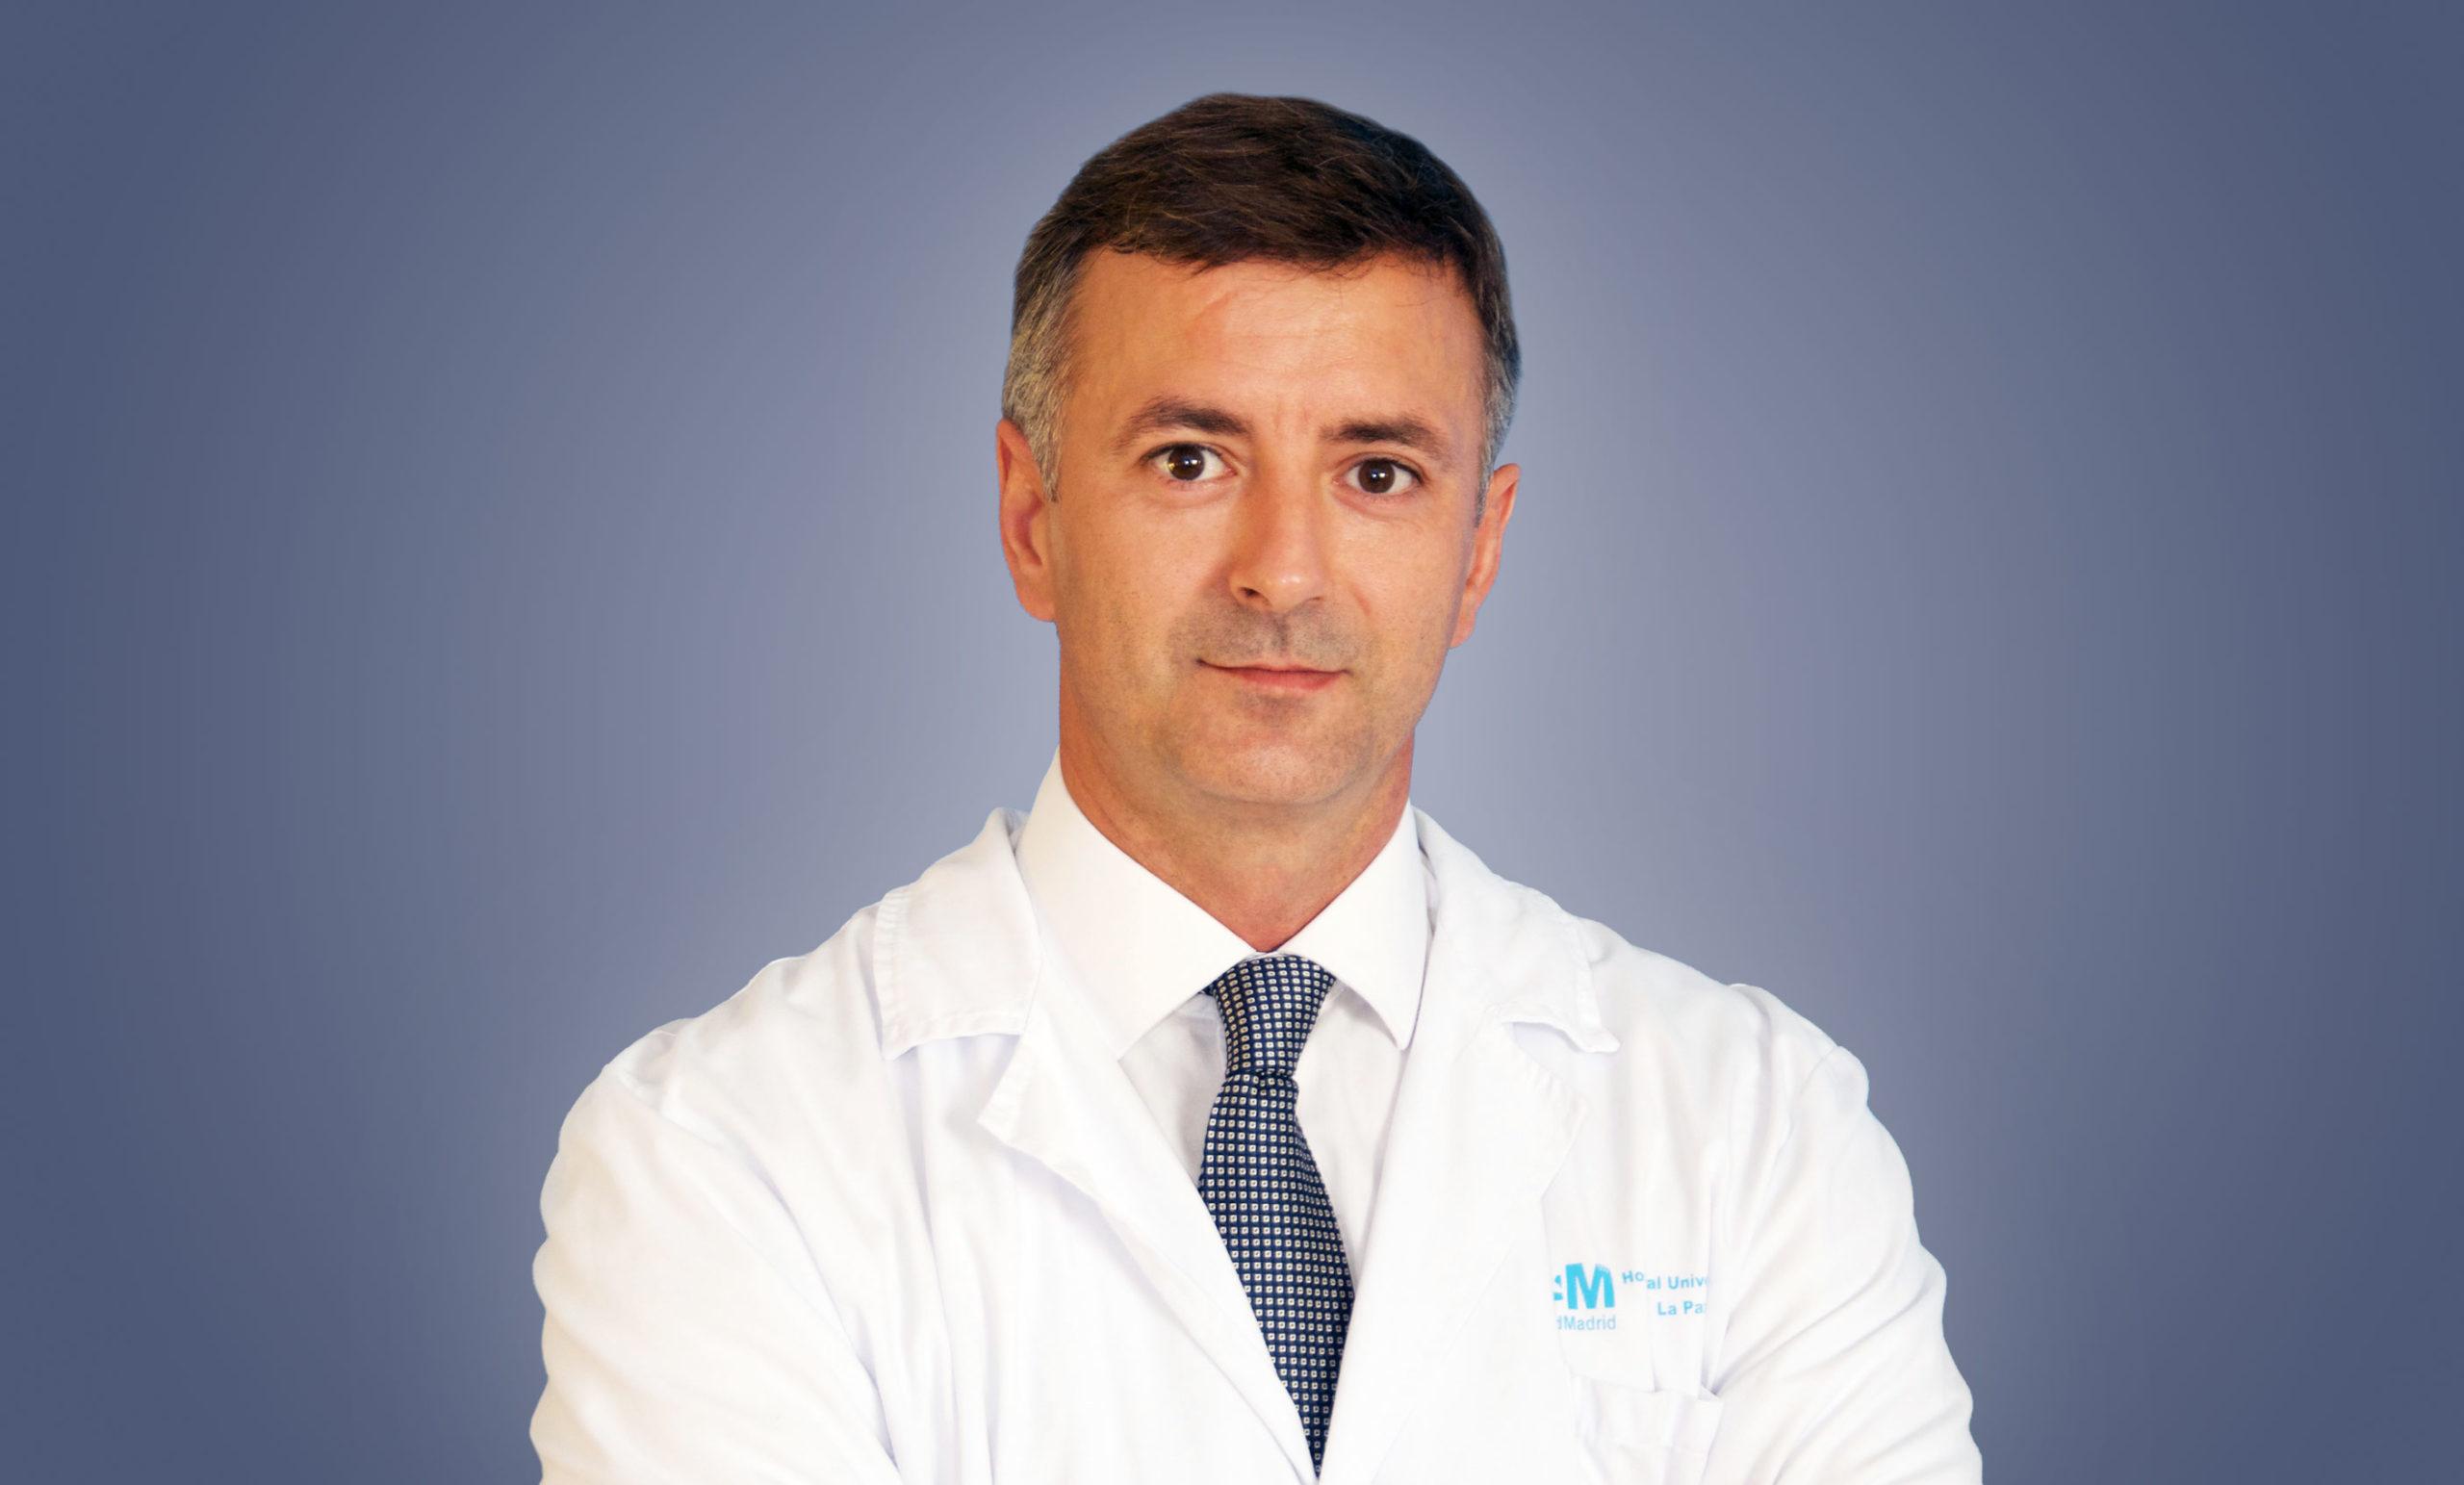 Dr. José Miguel Sánchez Márquez